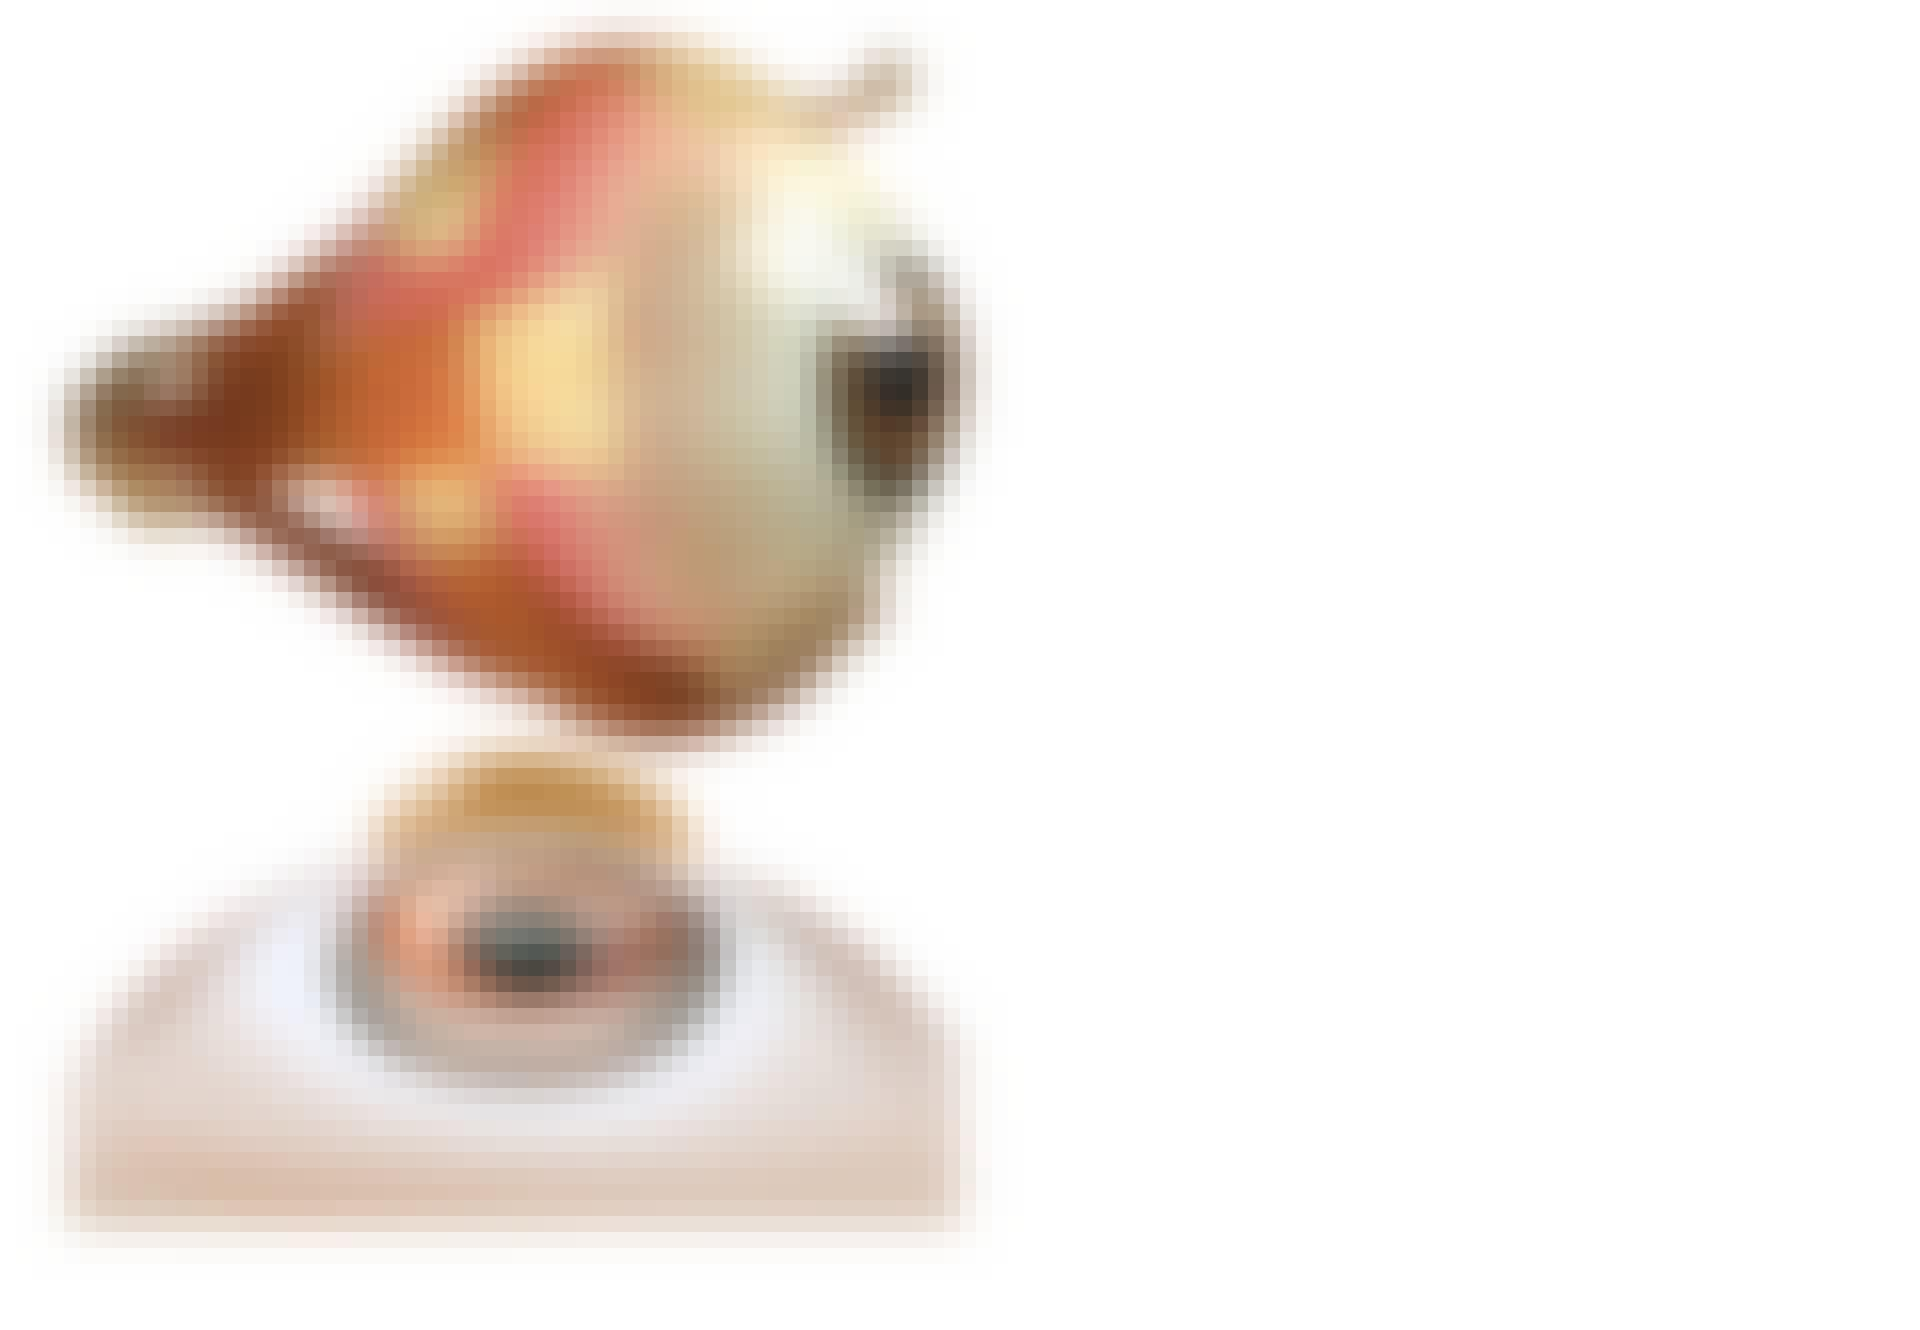 To bilder viser henholdsvis et helt øye og en framhevet hornhinne.